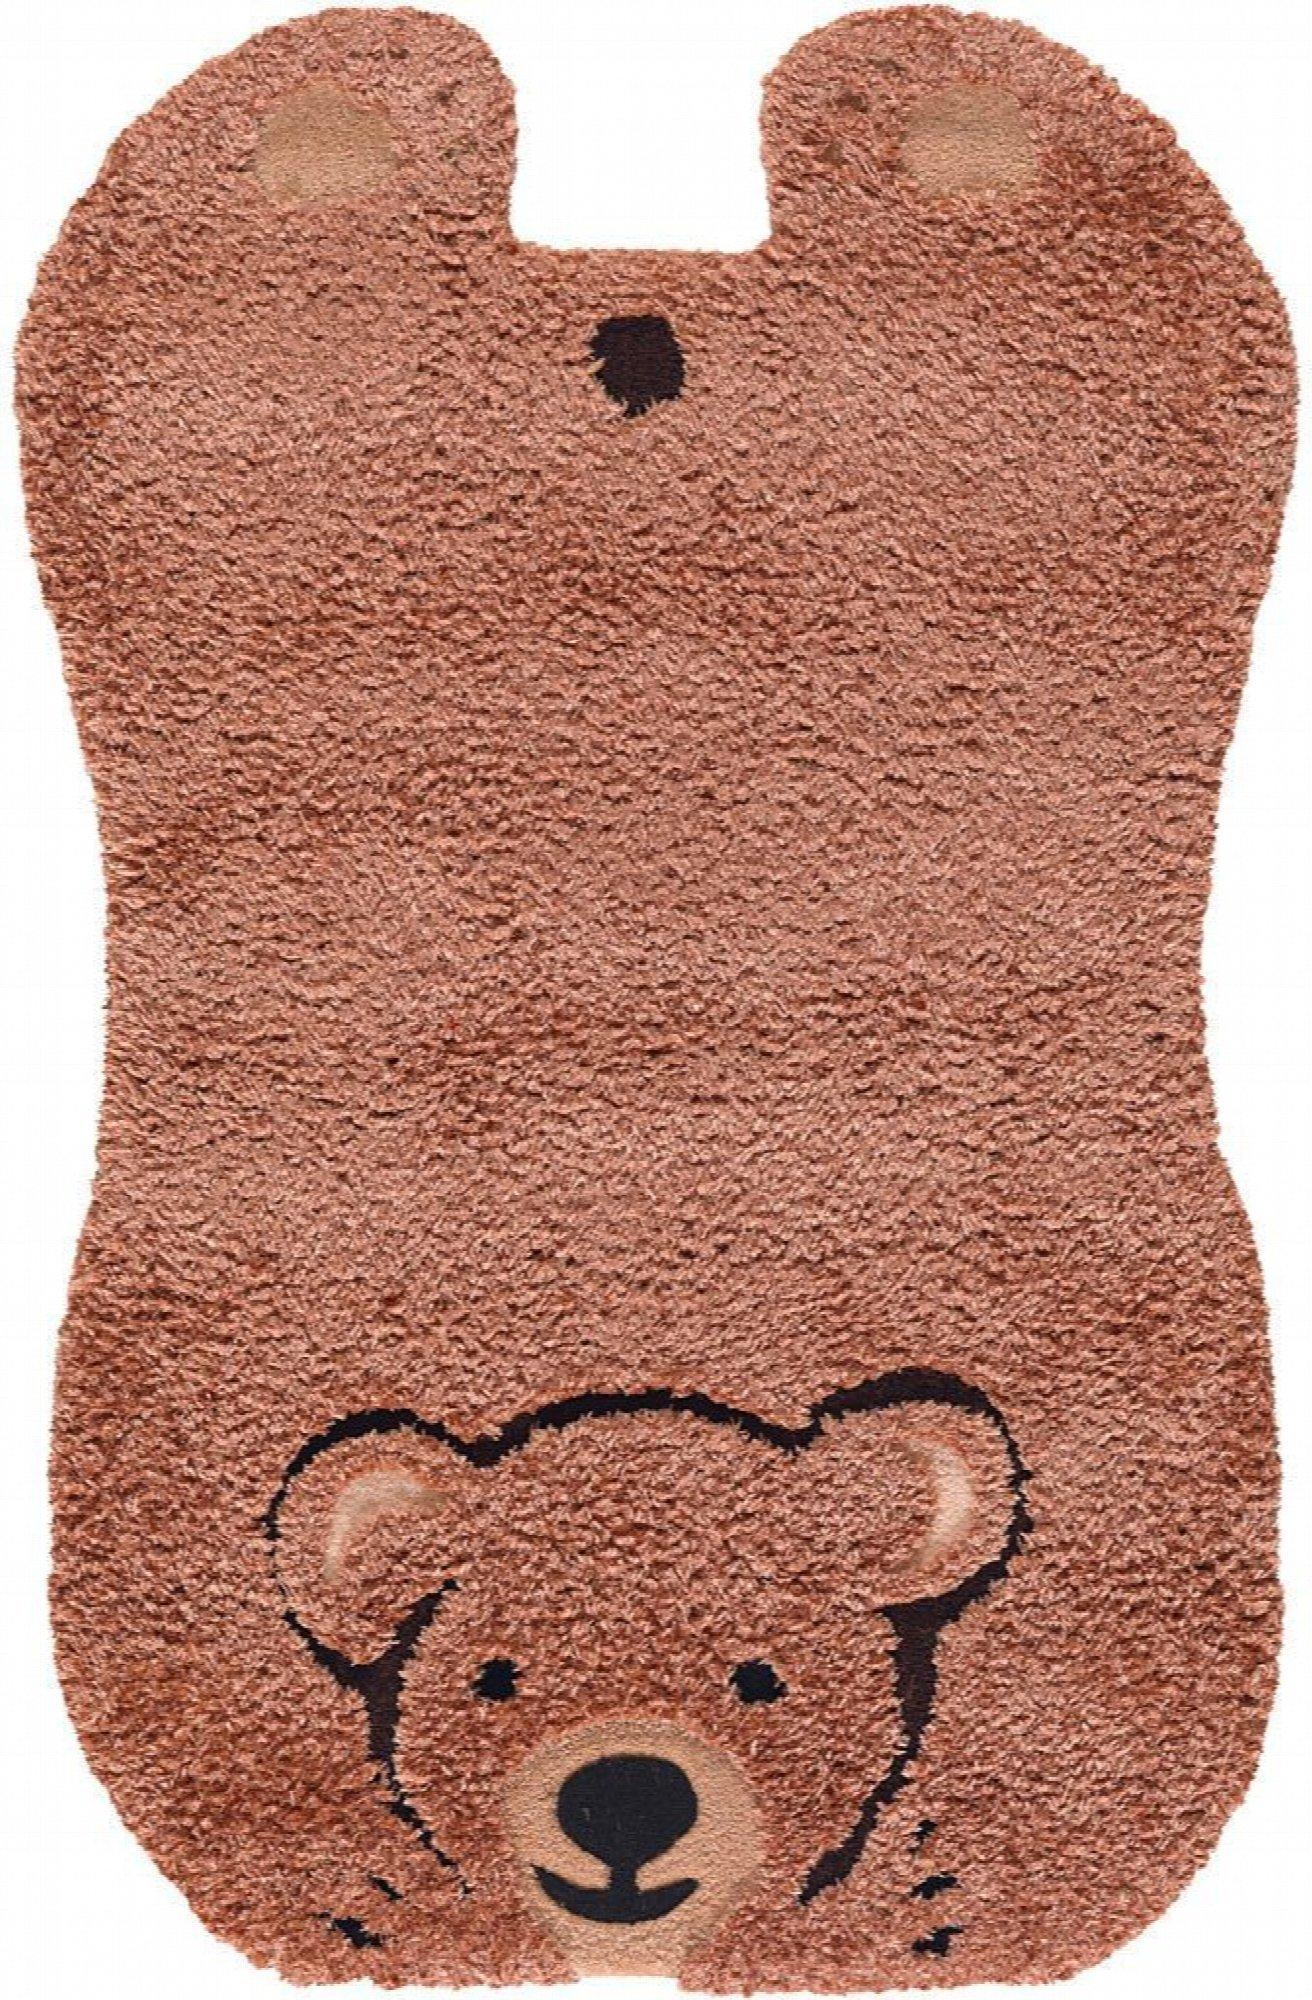 Tapis enfant marron rectangle acrylique 70x110